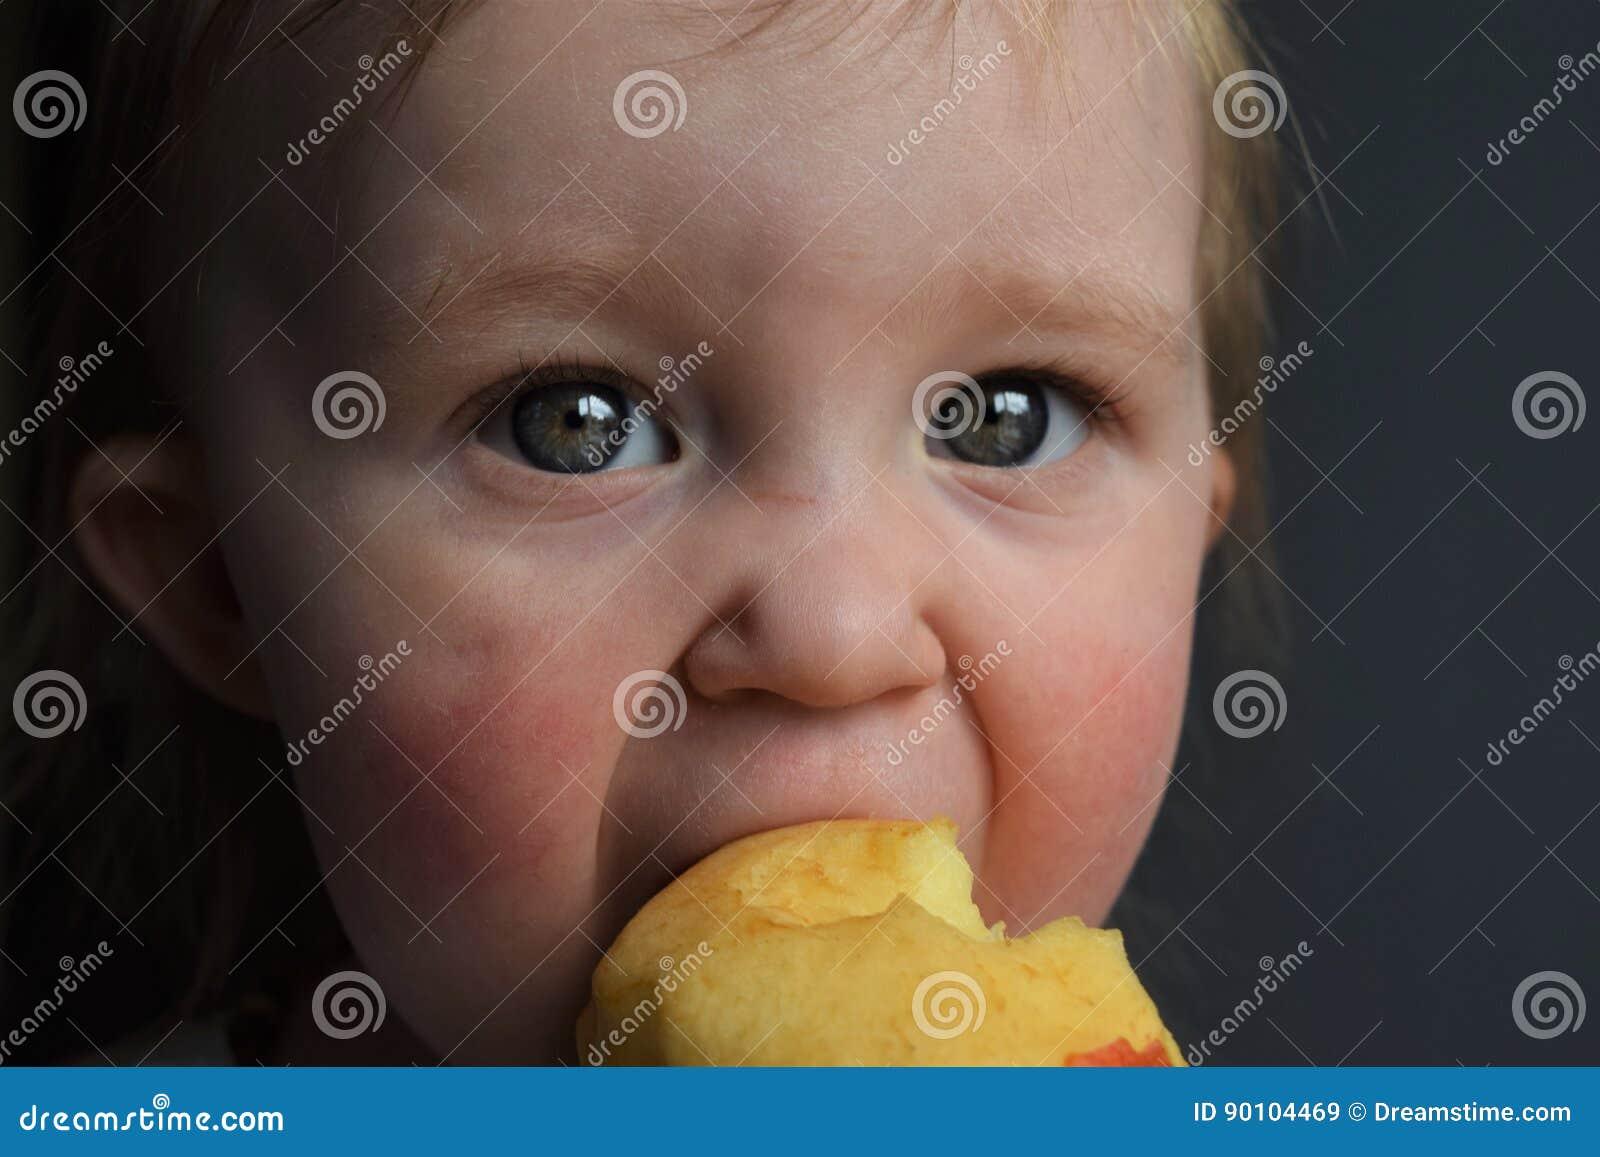 Kleinkind, das einen Apfel isst